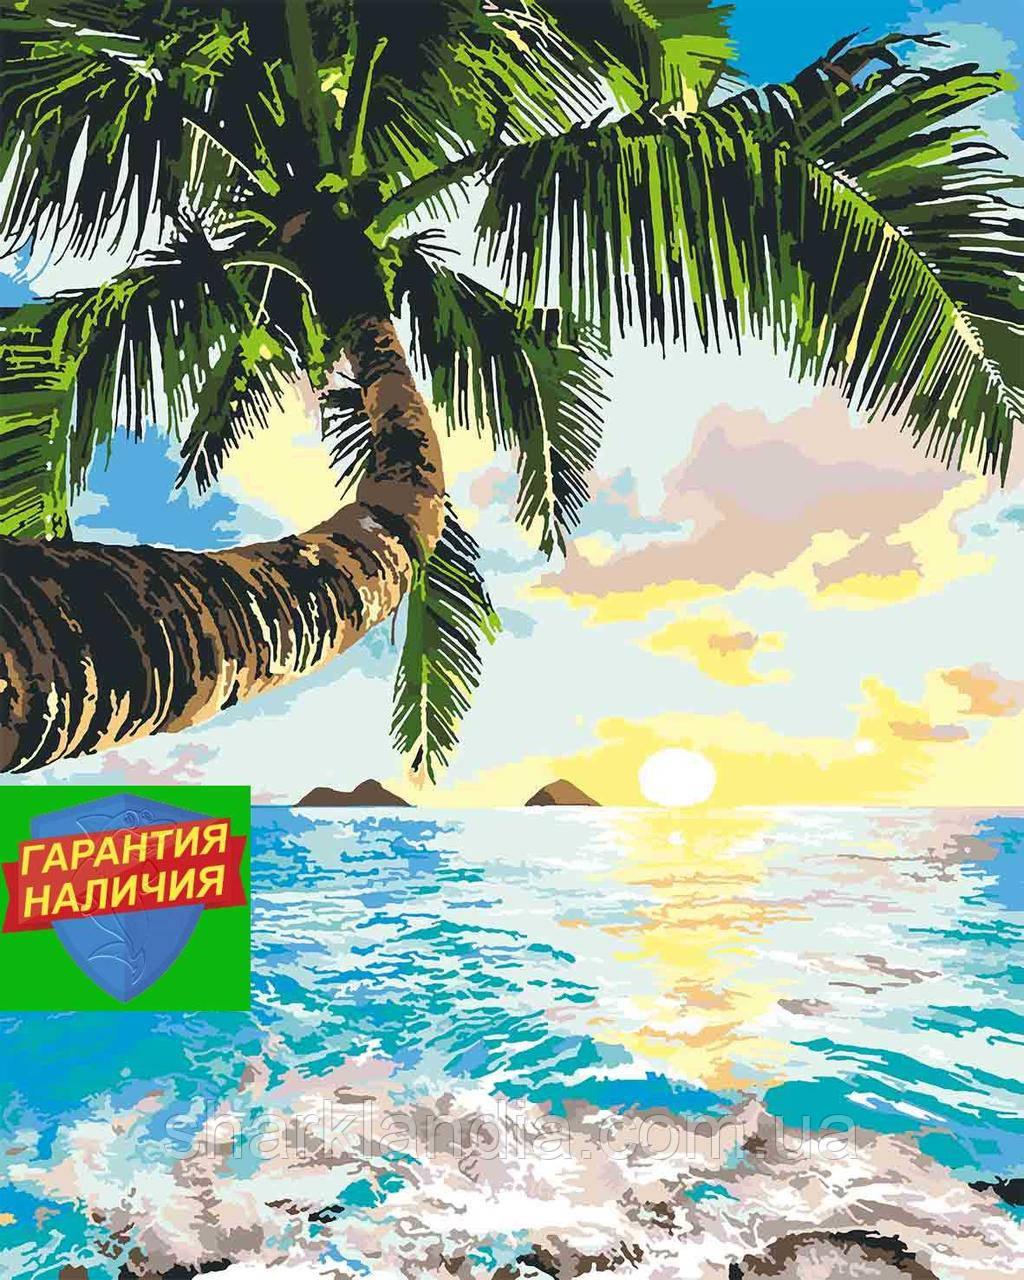 Картина по номерам Пальмы на пляже +ЛАК 40*50см Барви Океан Живопись по номерам пейзаж море вода